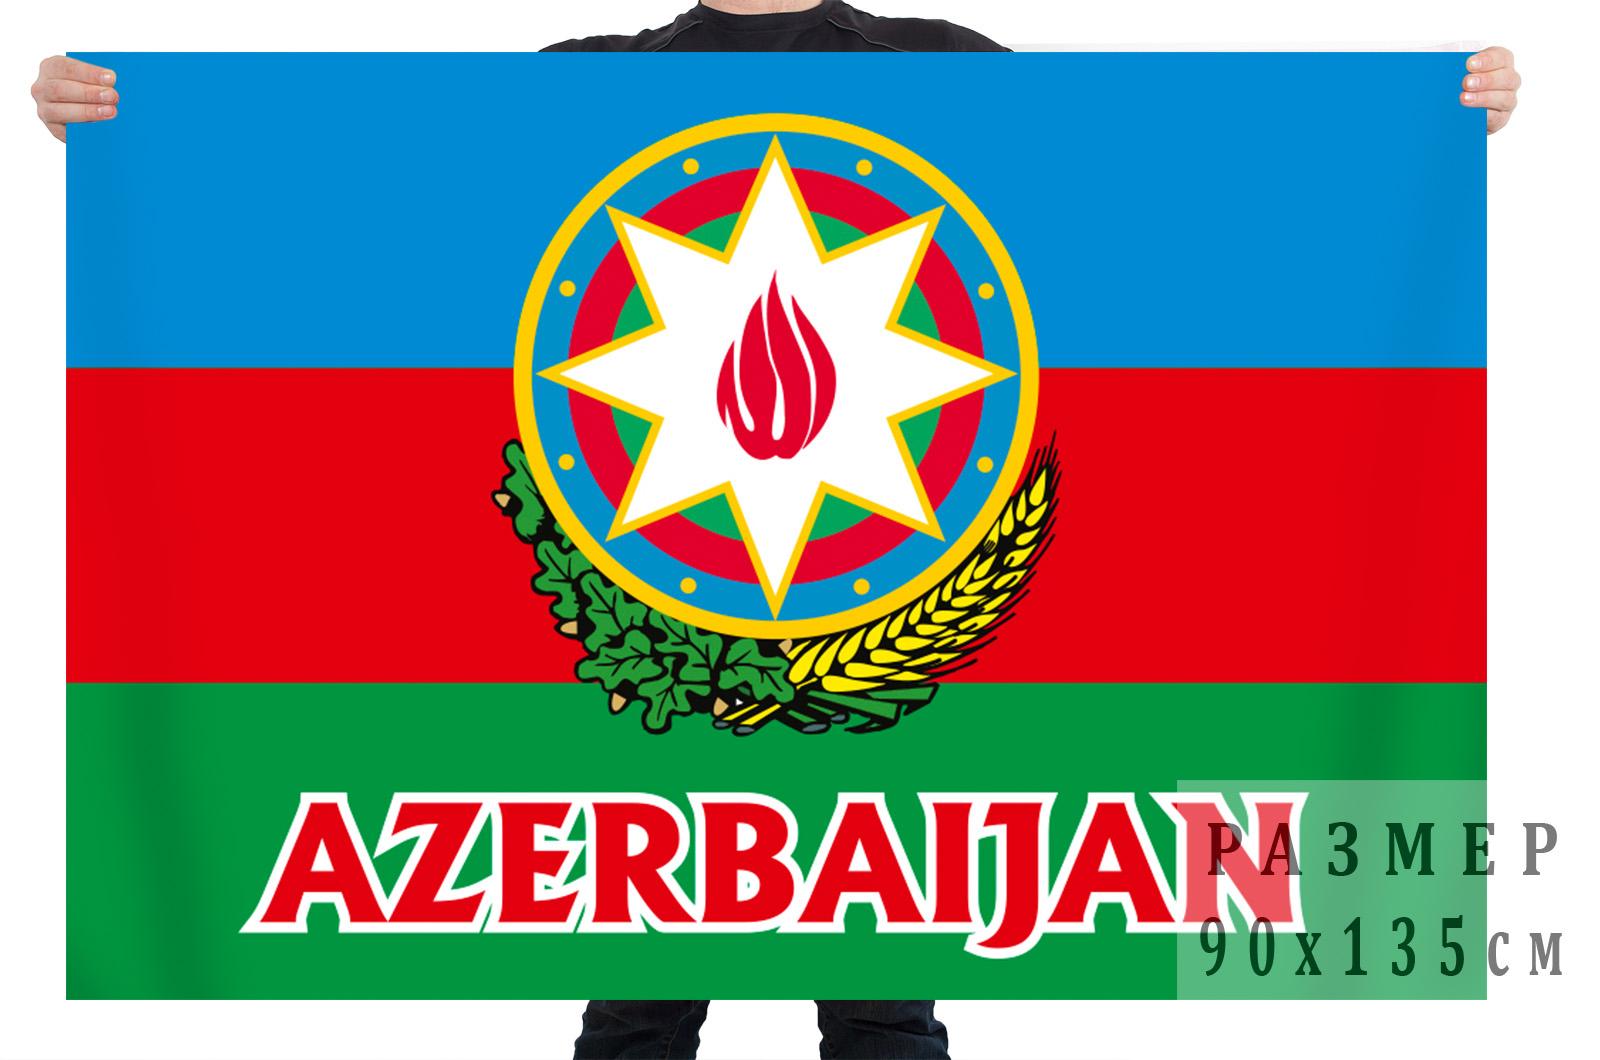 Что означает флаг Азербайджана – ответы у нас на сайте